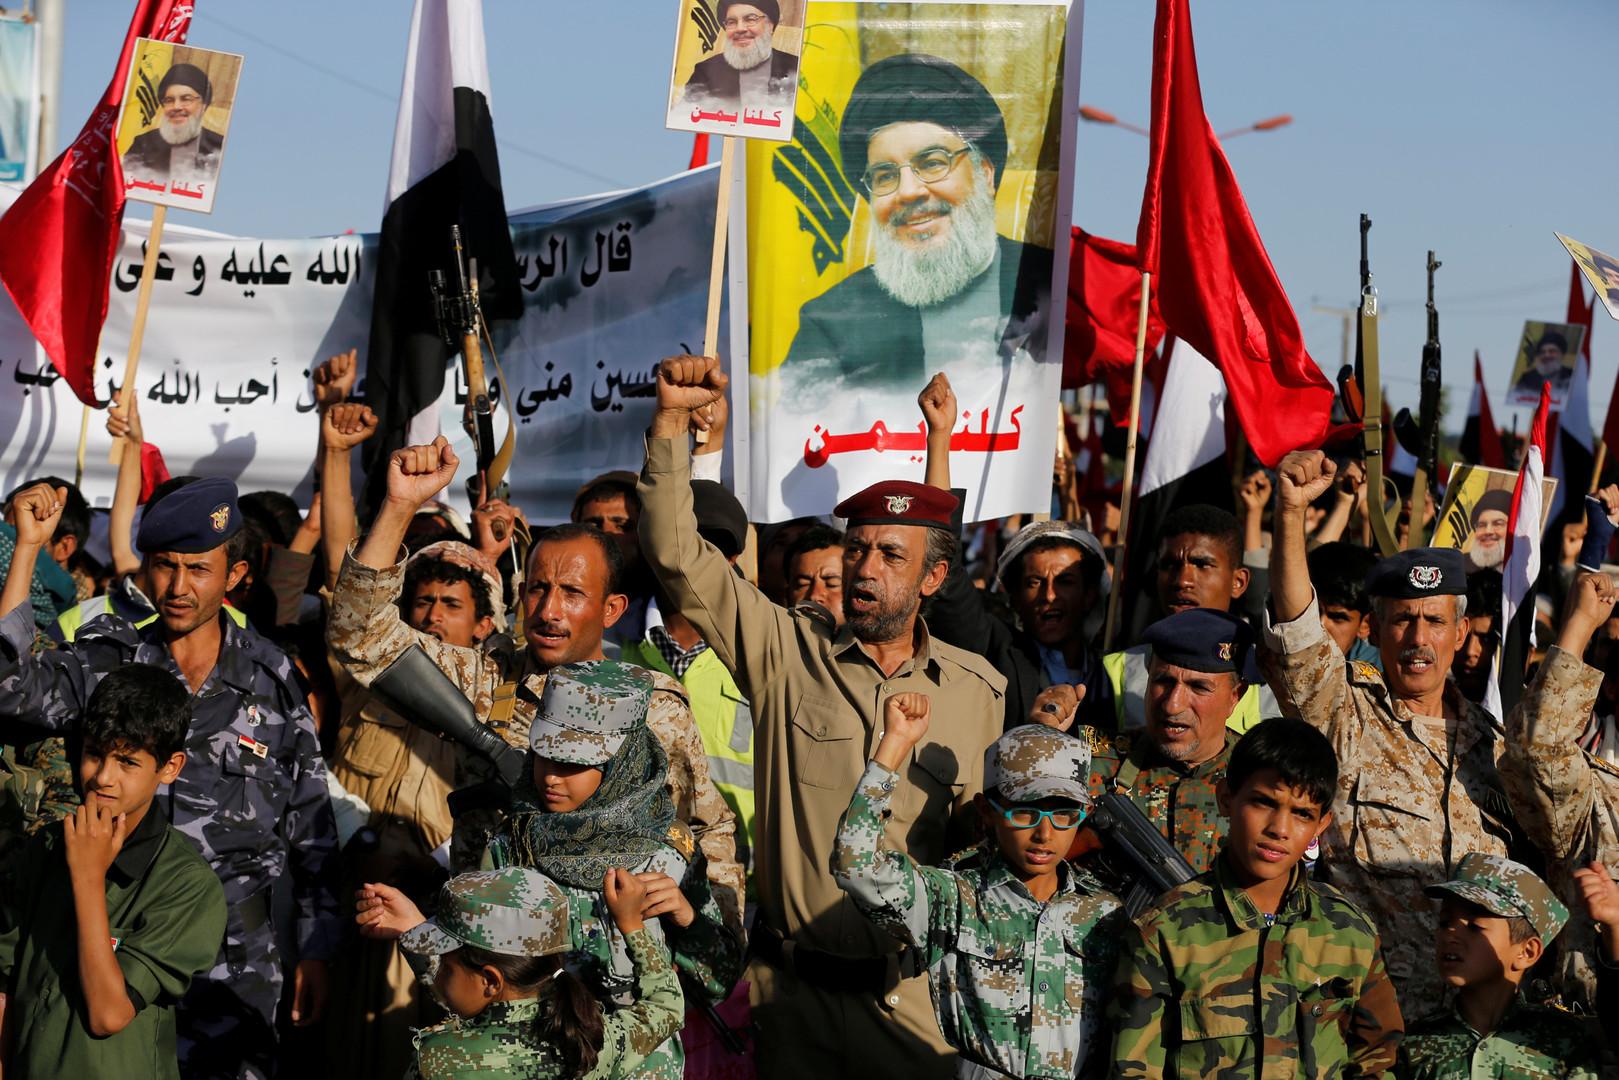 Шиитские повстанцы Хути держат плакаты с изображением ливанского лидера Хезболлы Сайед Хасан Насралла, Йемен